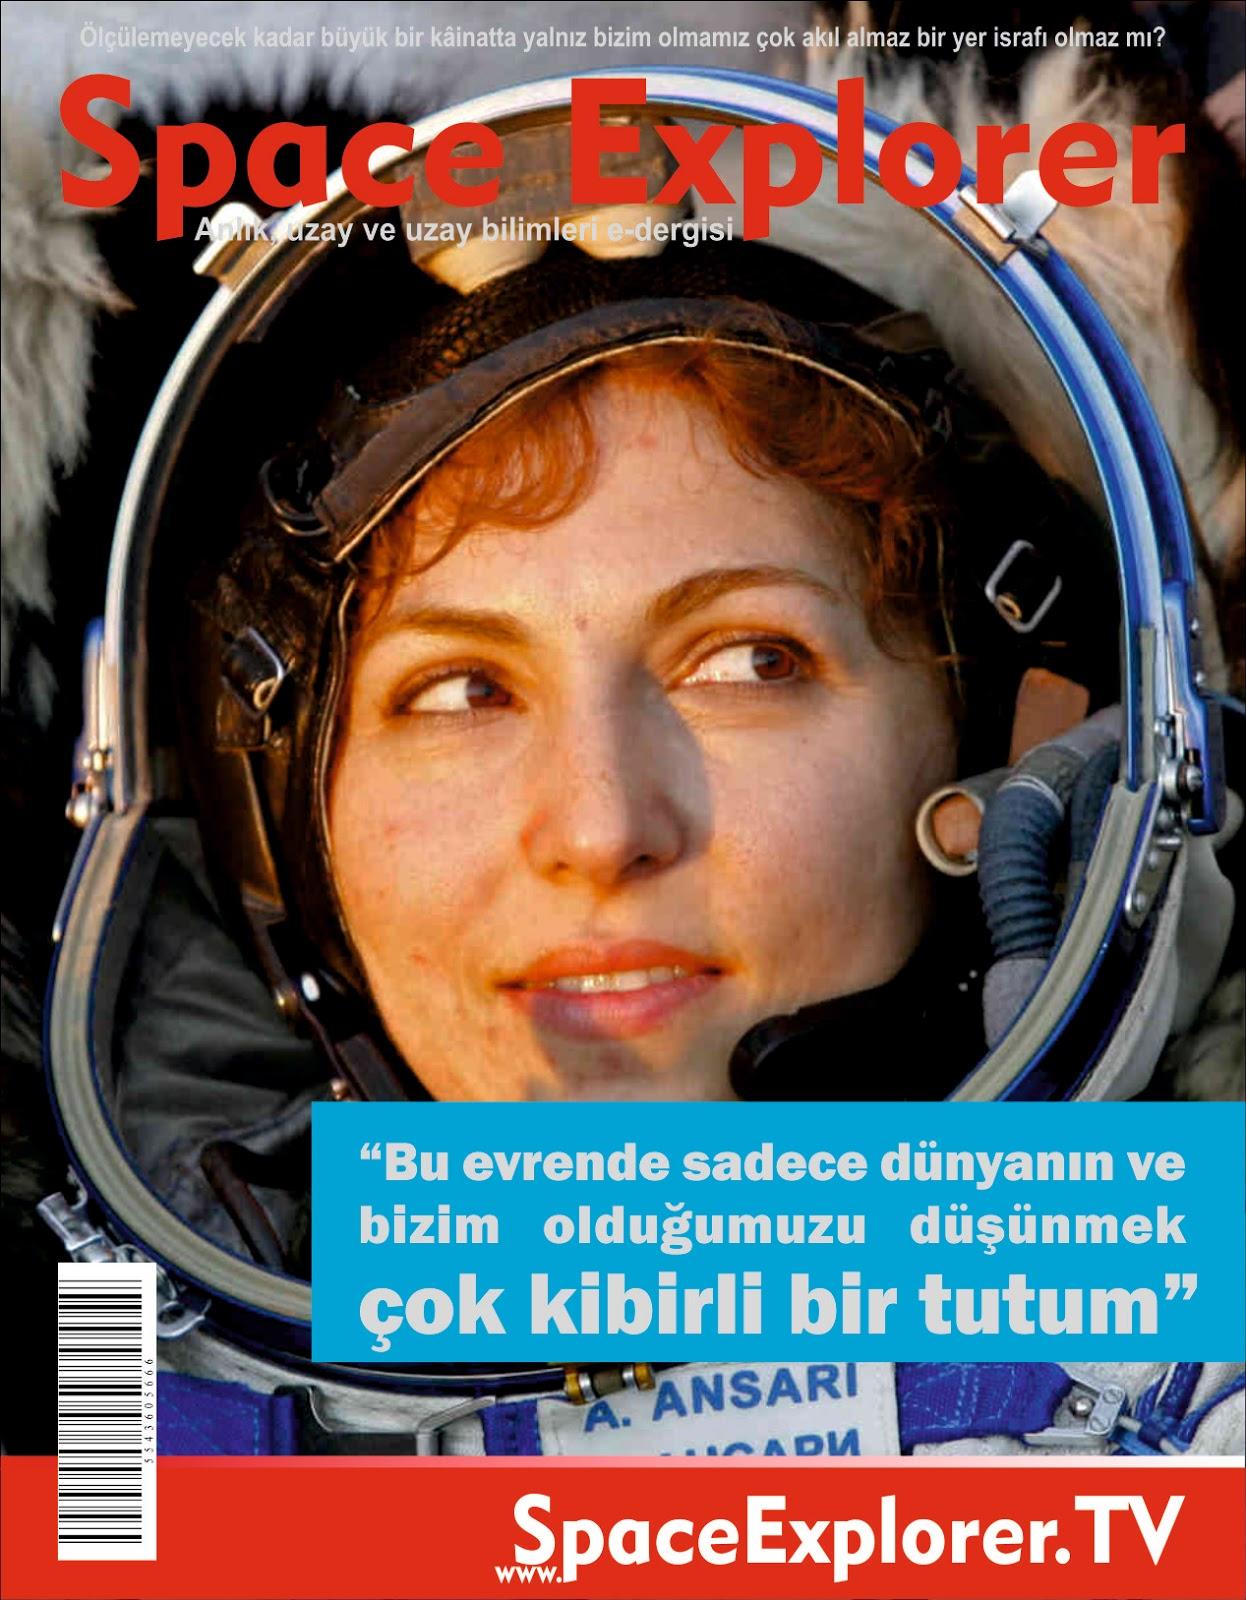 Anousheh Ansari, İran, ABD, NASA, Uzayda hayat var mı?, Evrende yalnız mıyız?, Astronotlar,